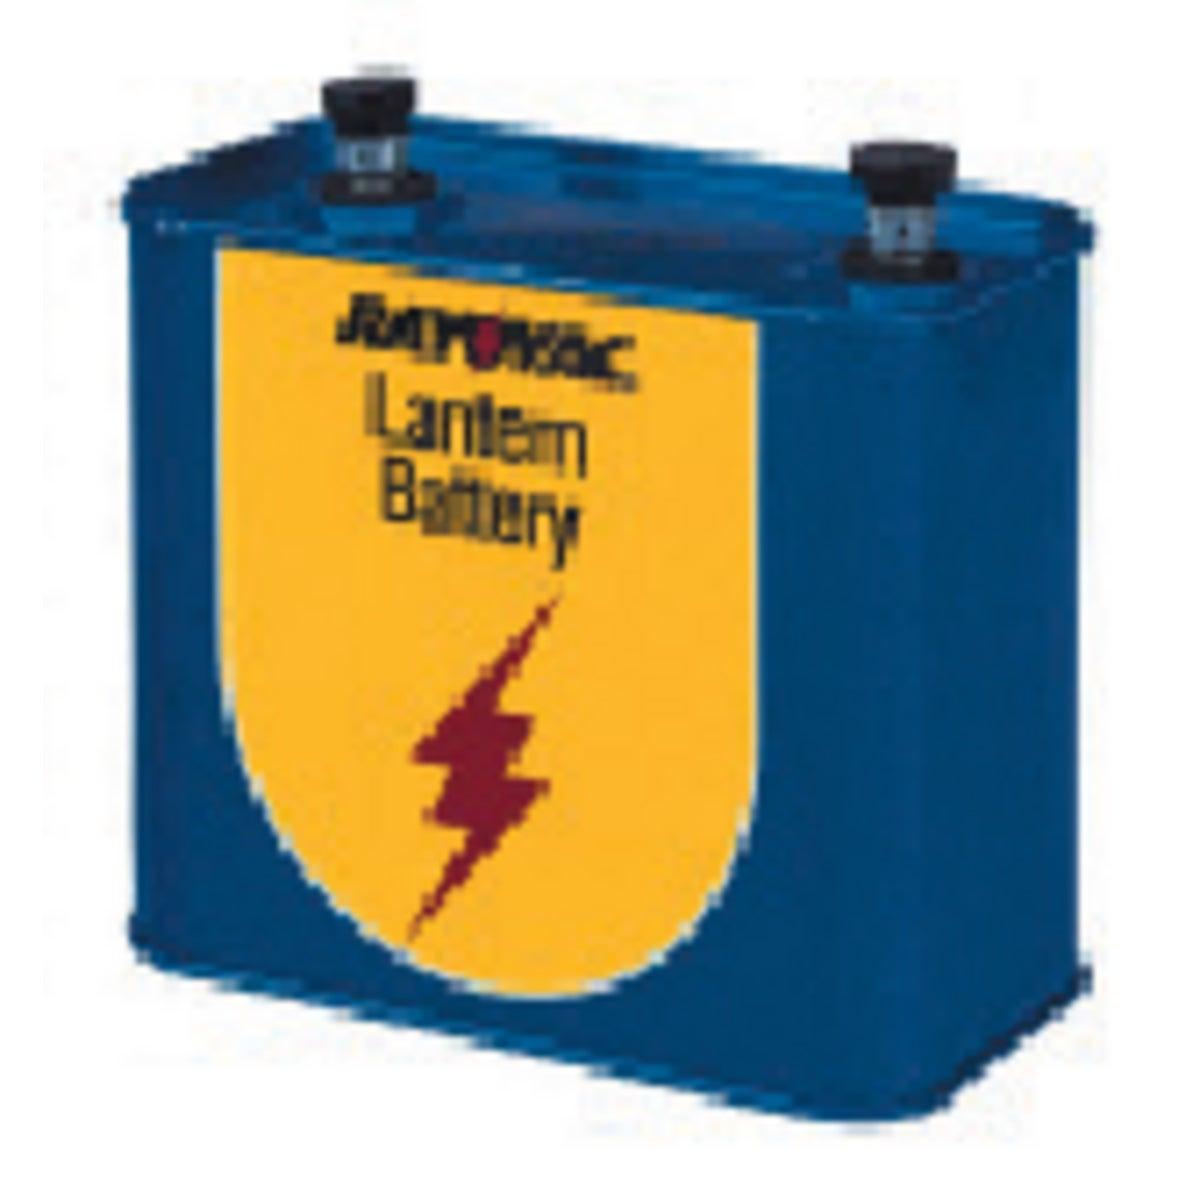 12V Lantern Battery